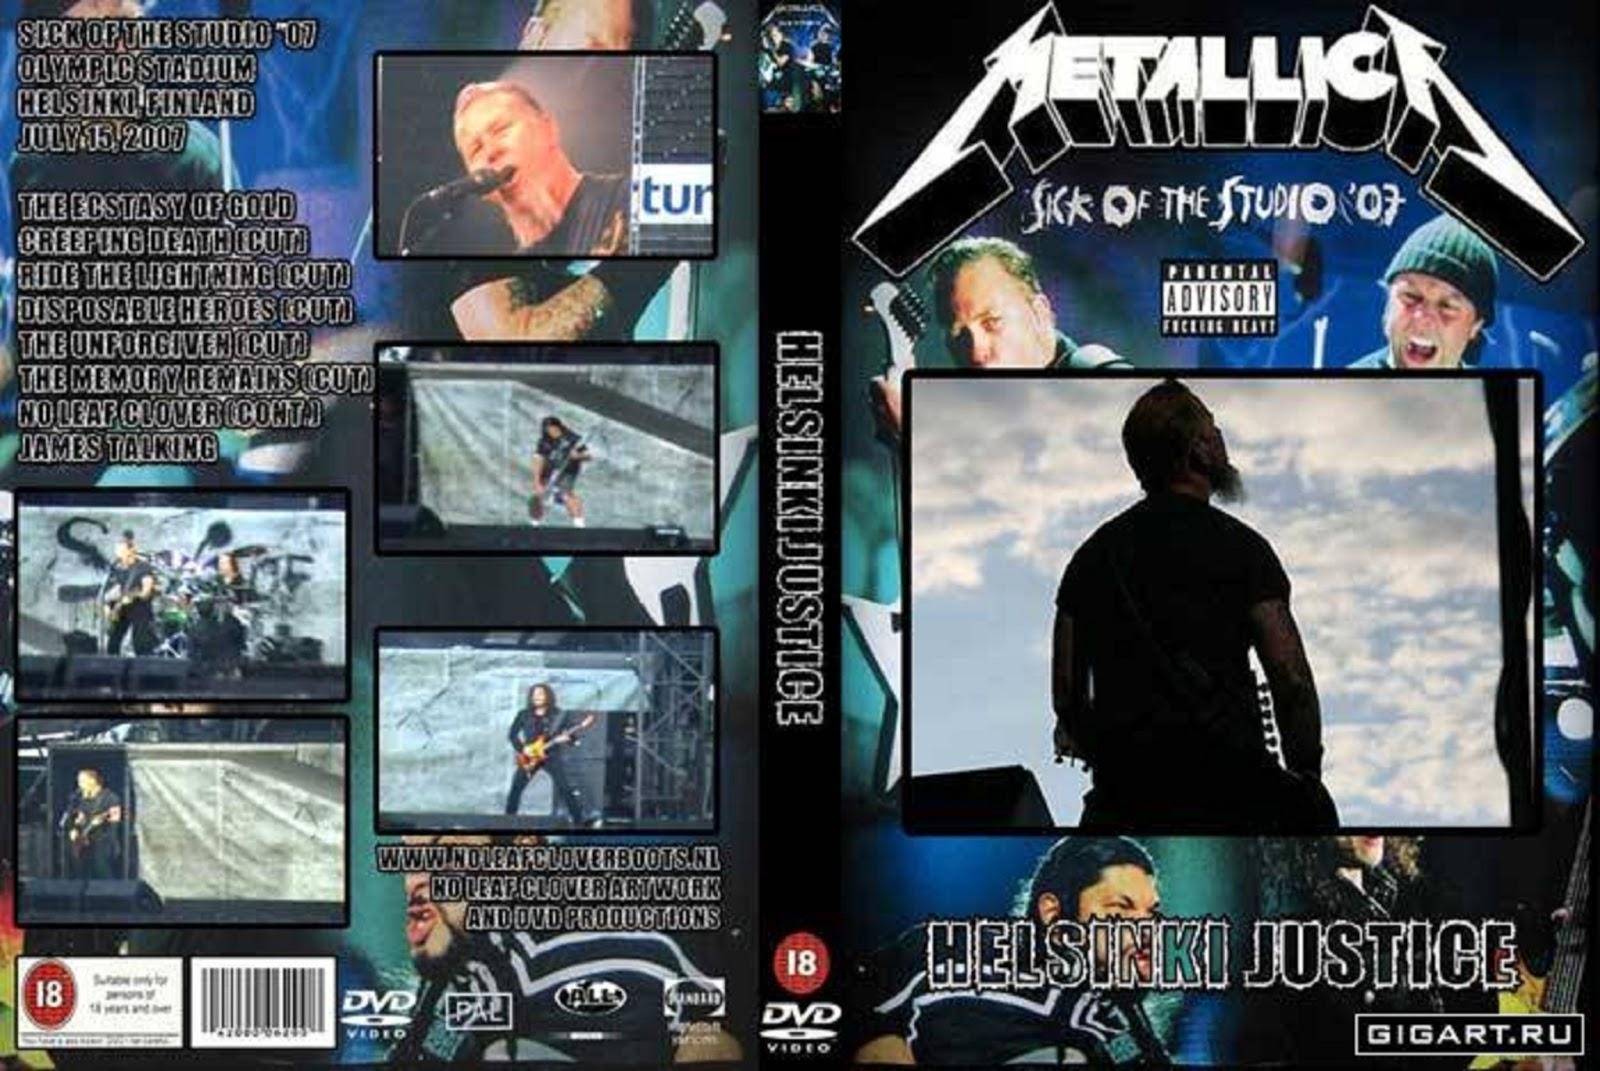 Metallica DVD Kapakları (1983-2007)